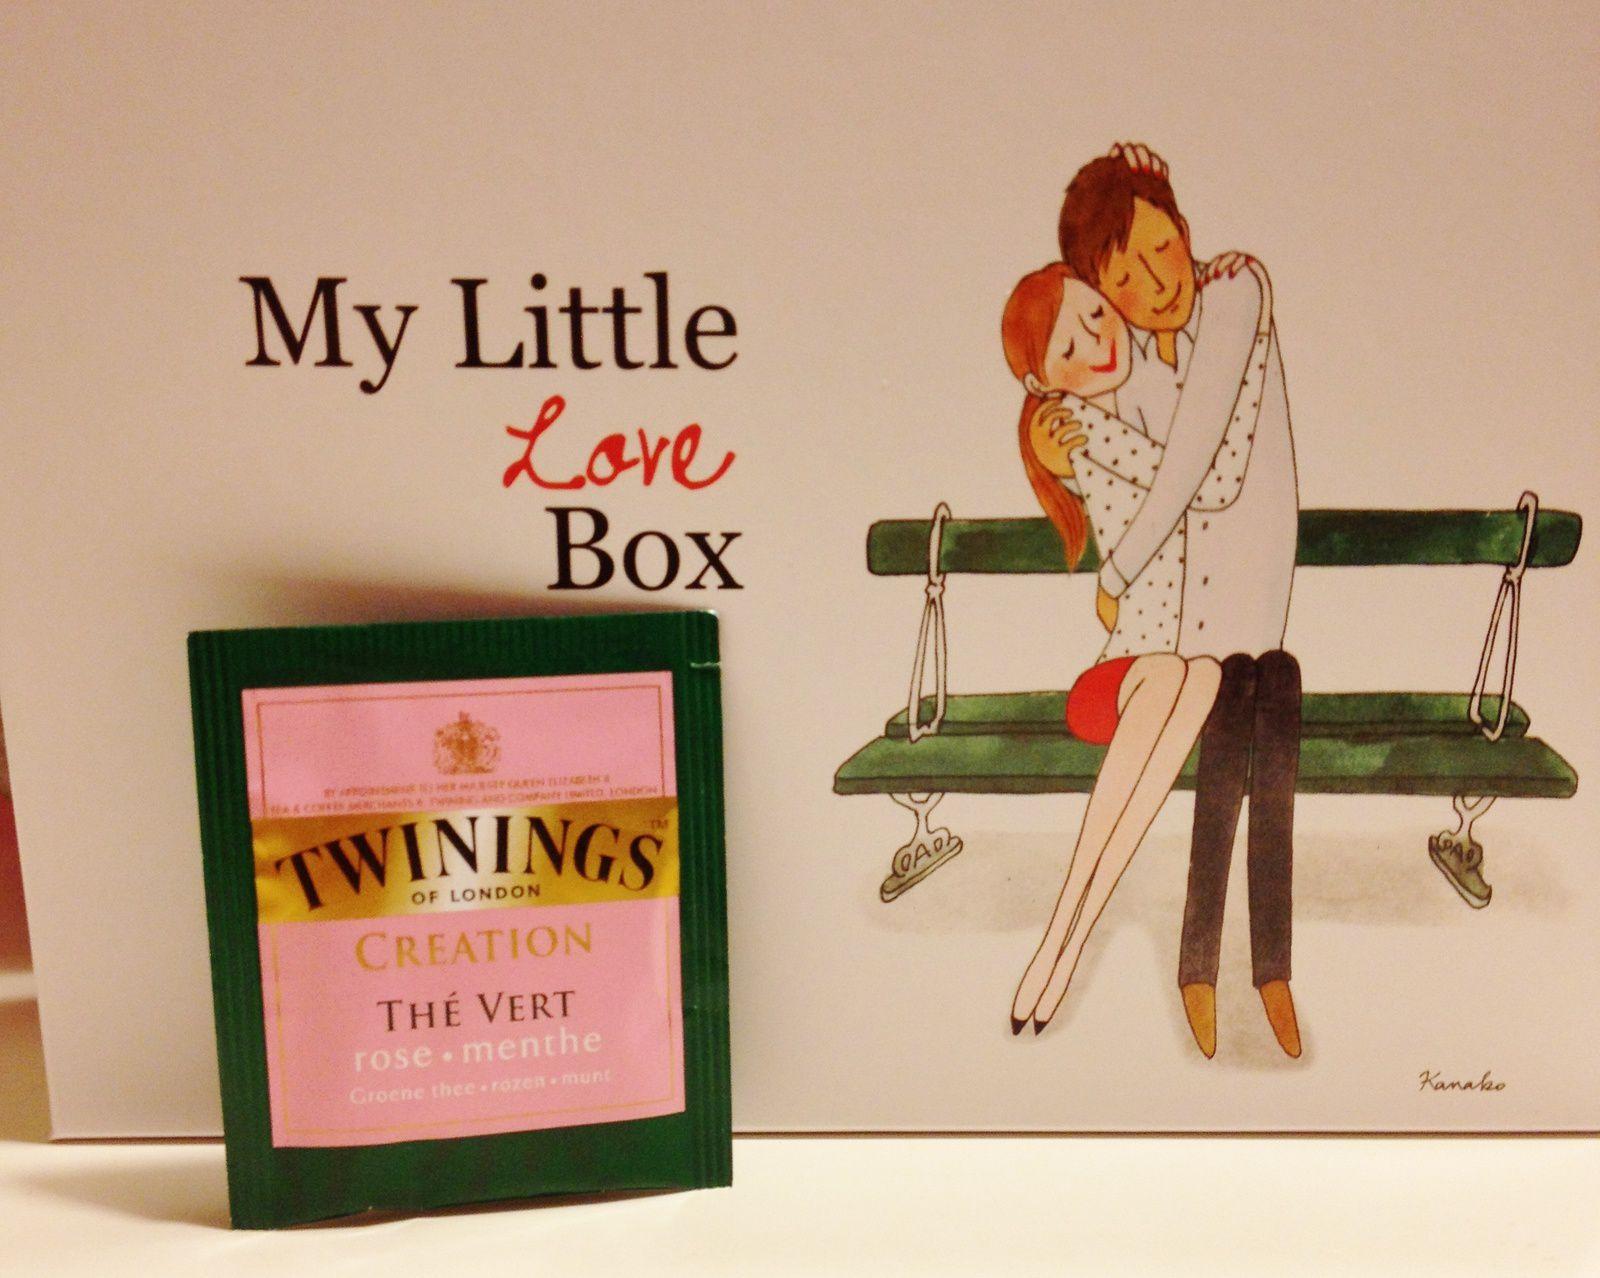 On a eu 1 petit sachet de thé. Encore du thé? Après les Marmottes, c'est Twinings